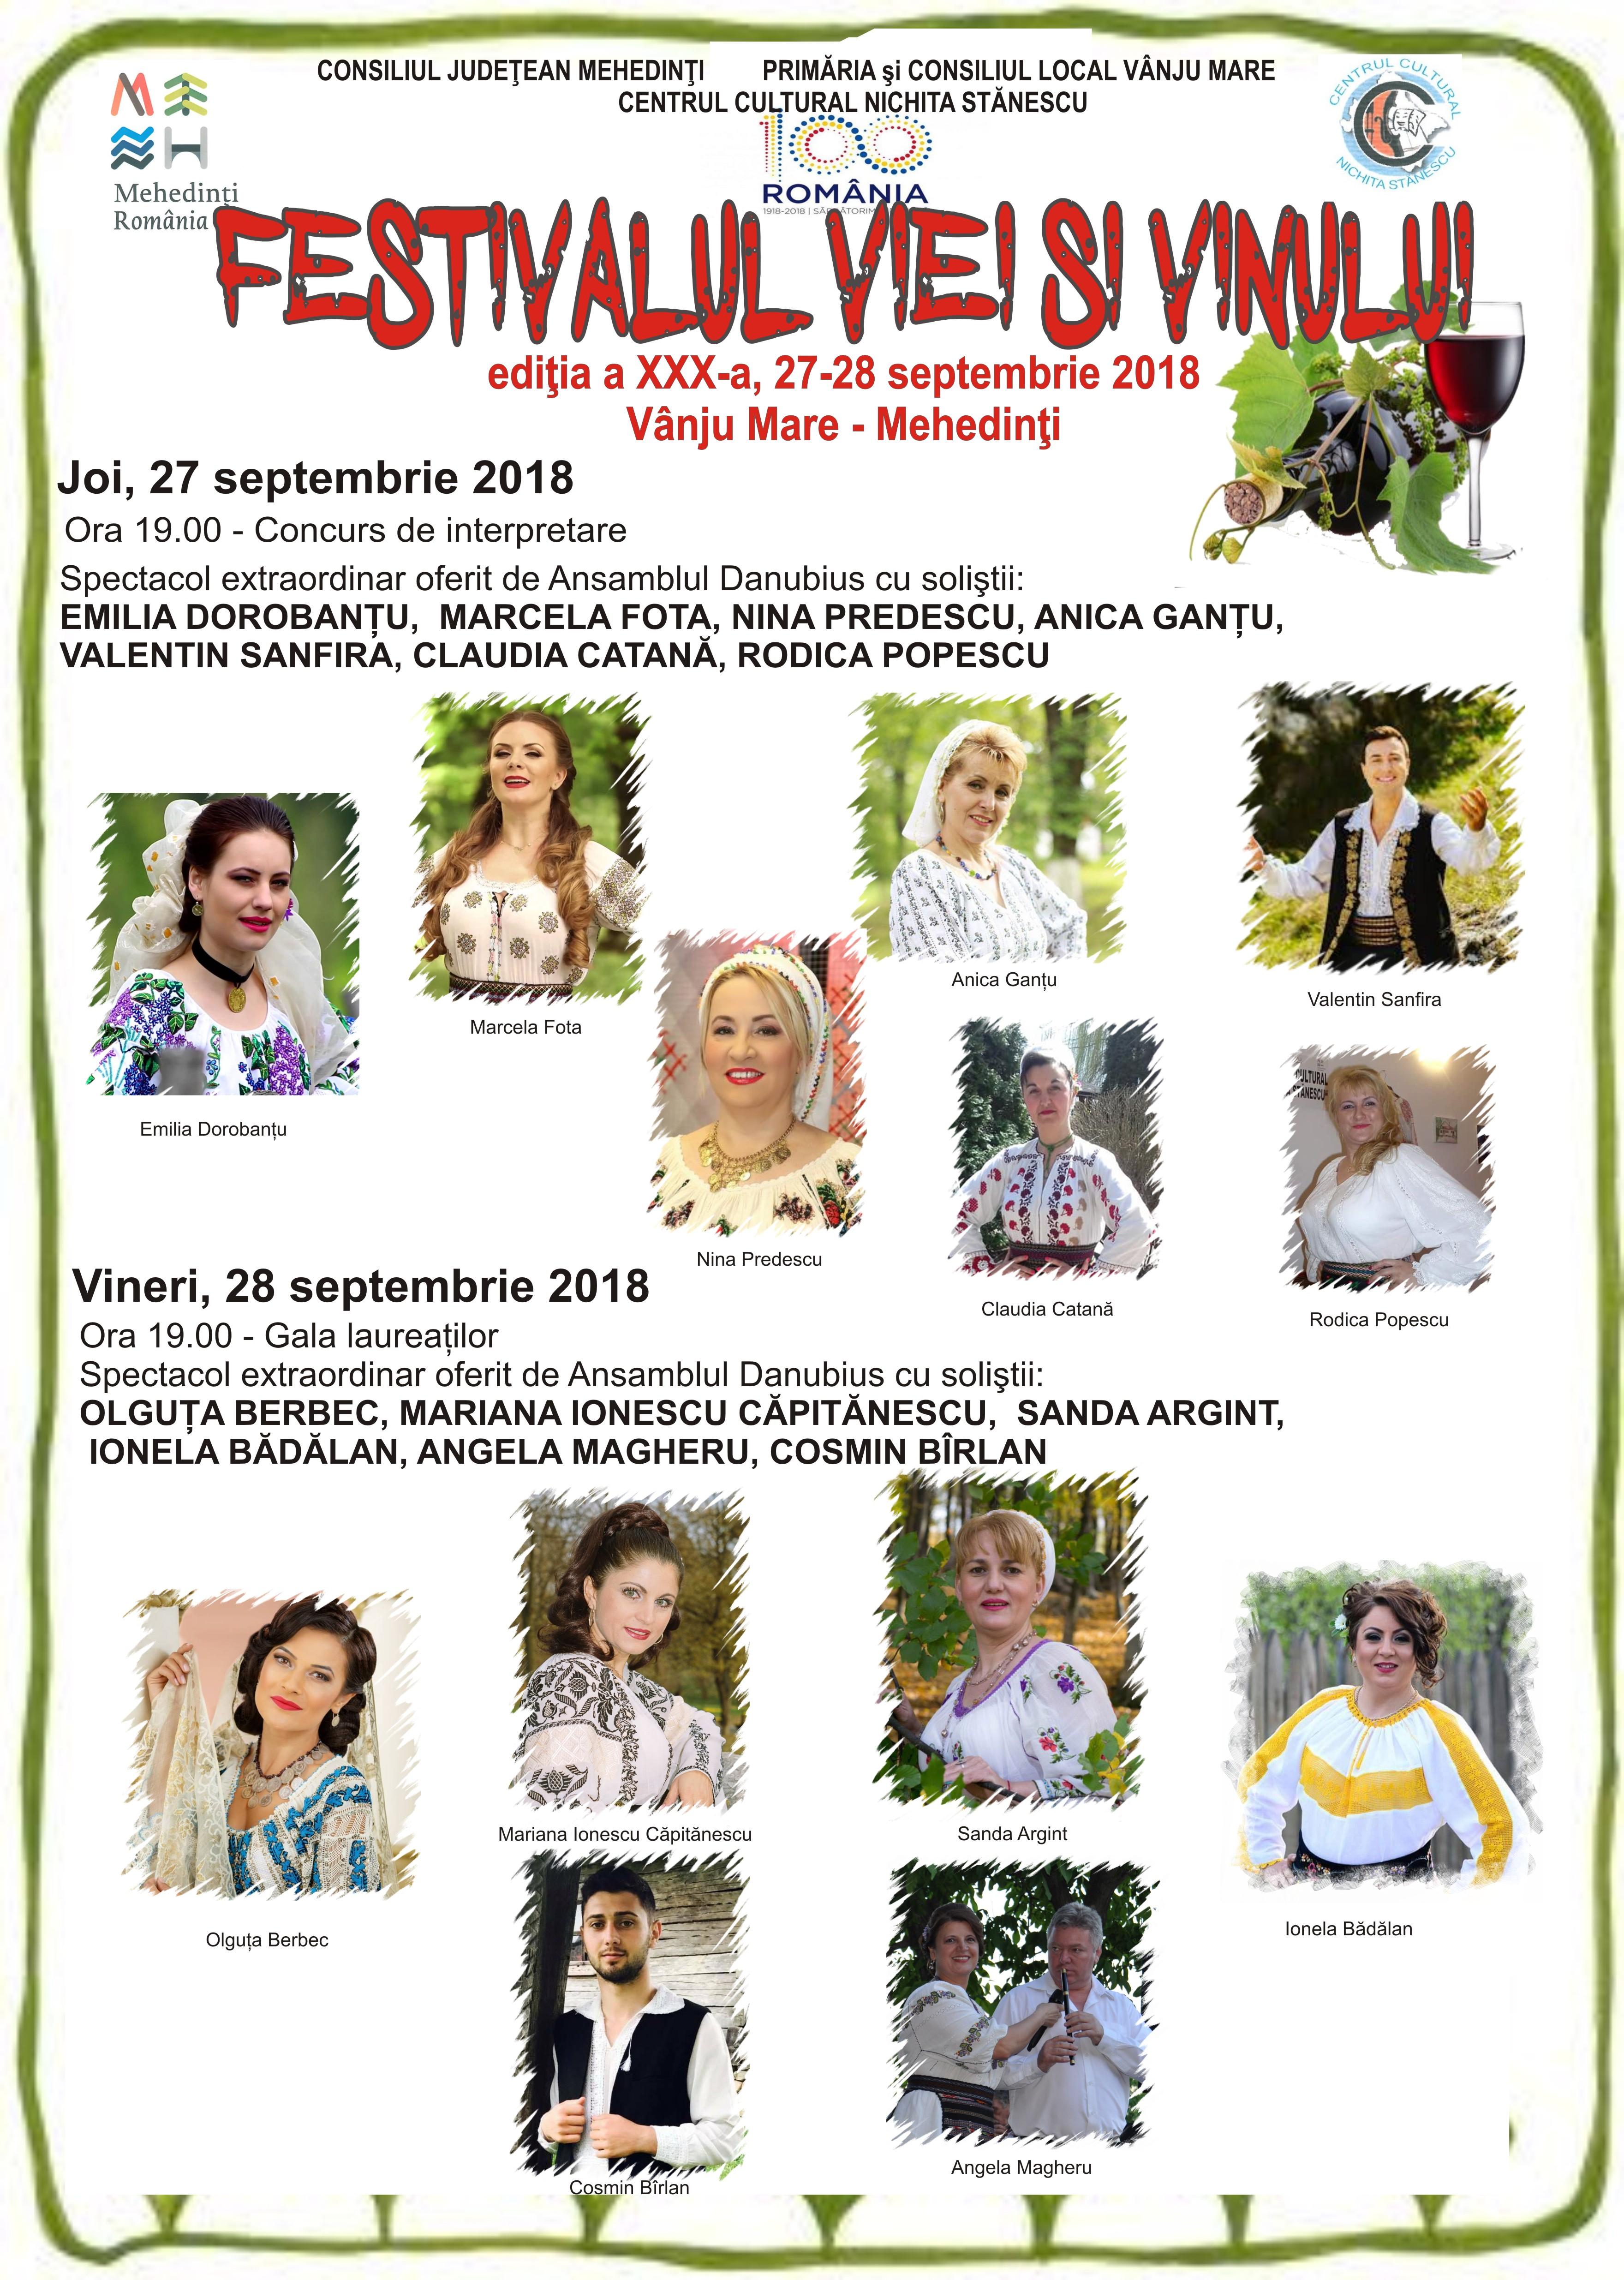 Festivalul Viei și Vinului Vânju Mare, 27-28 septembrie